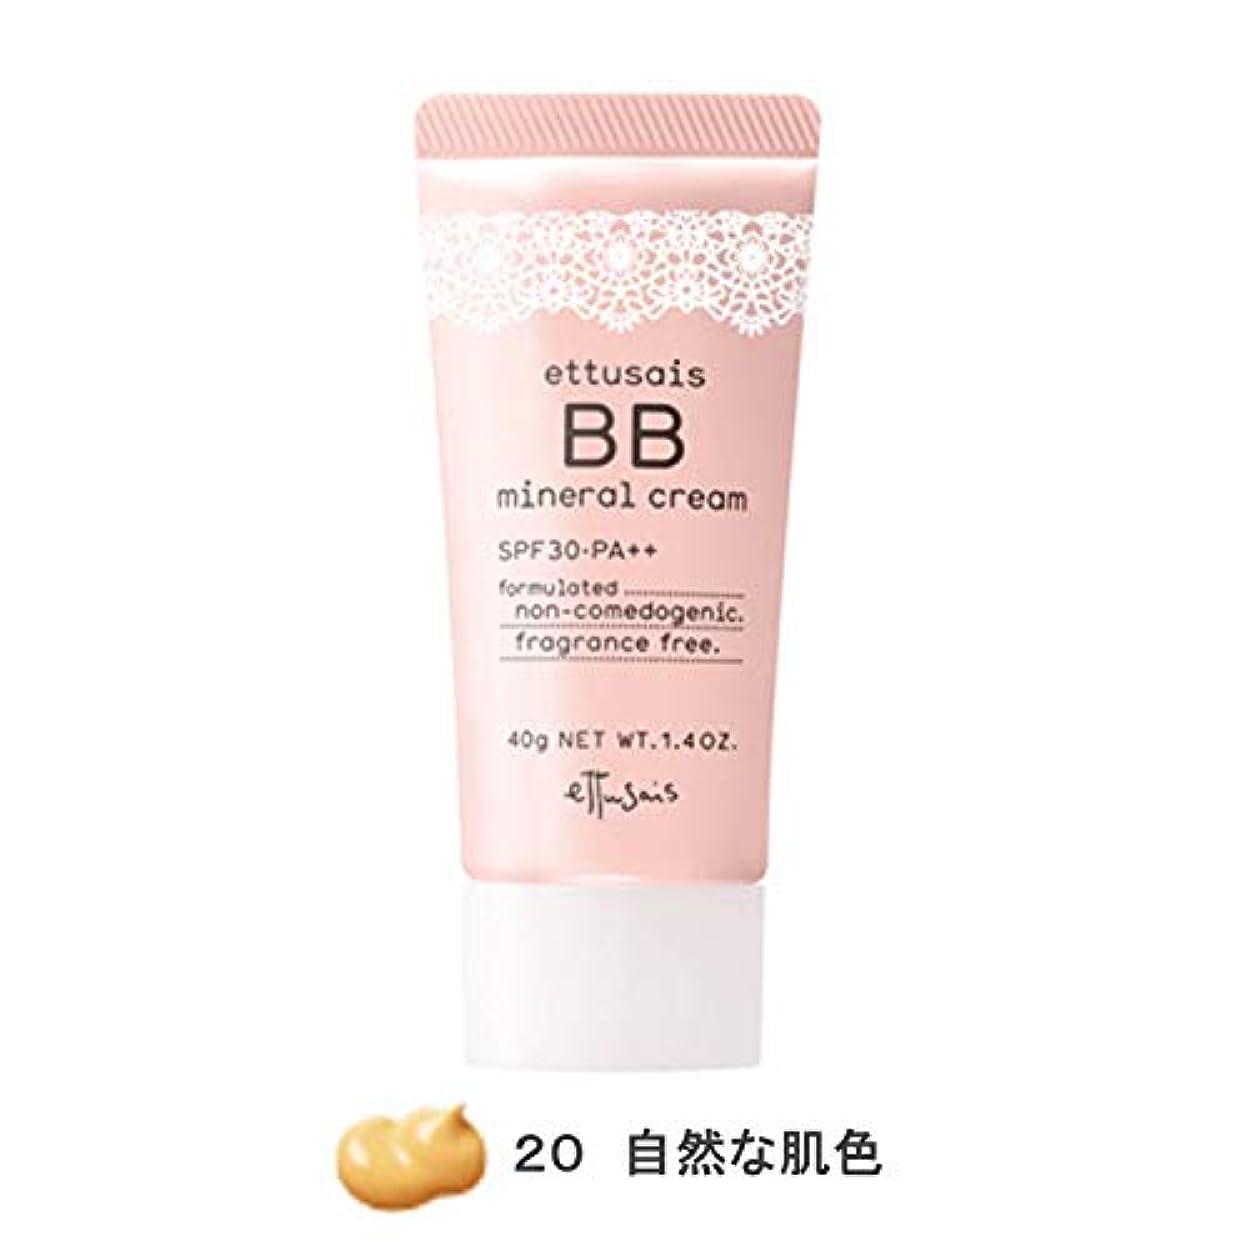 バーター副詞噴出するエテュセ BBミネラルクリーム 20(自然な肌色) SPF30?PA++ 40g